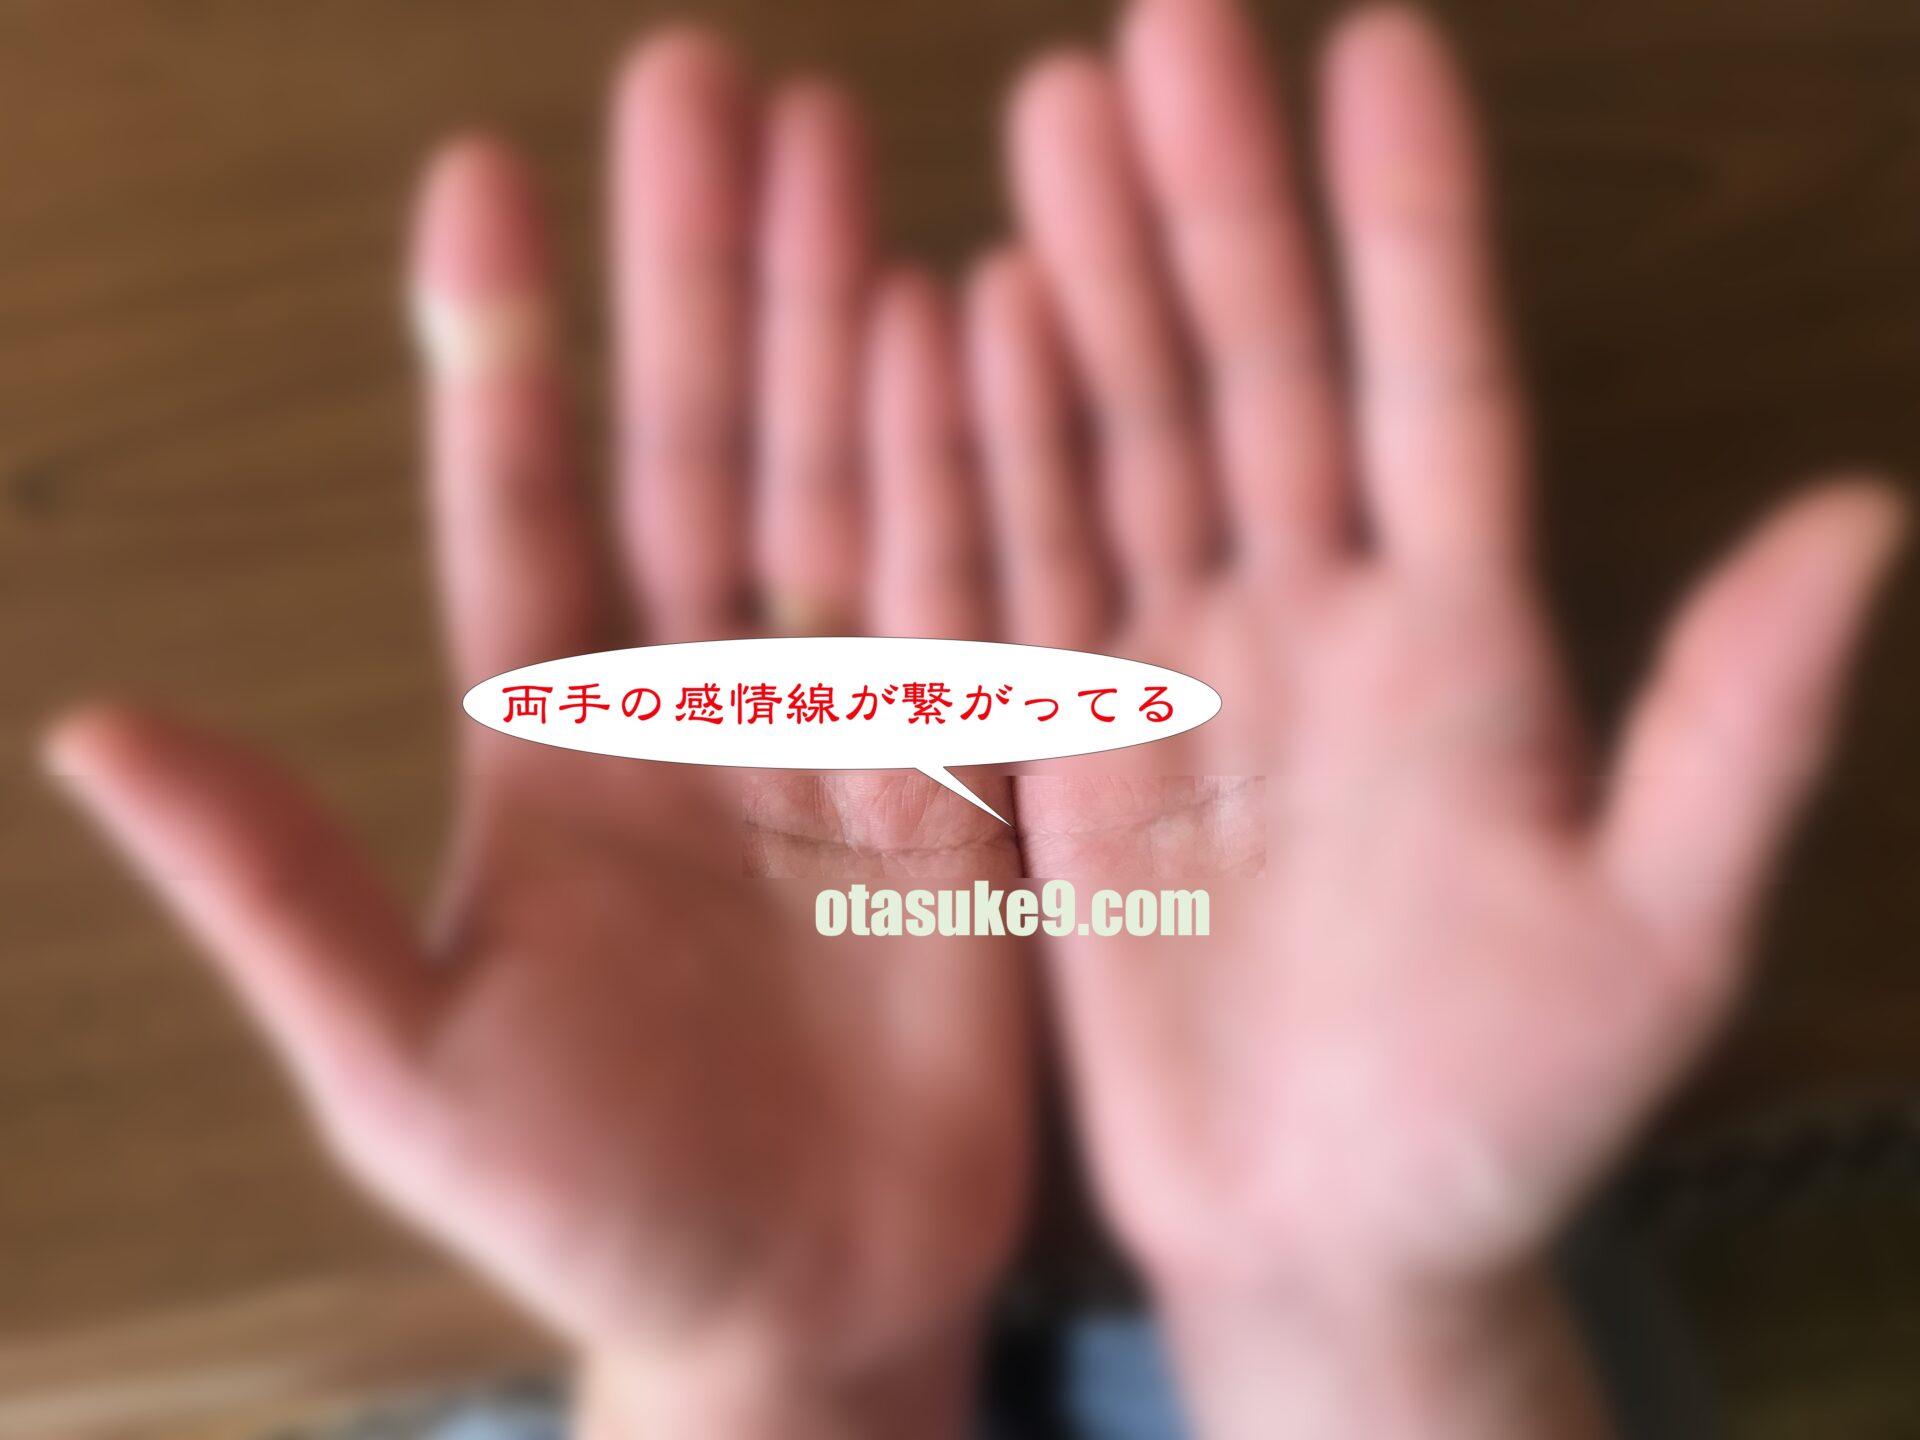 両手の感情線が繋がってる